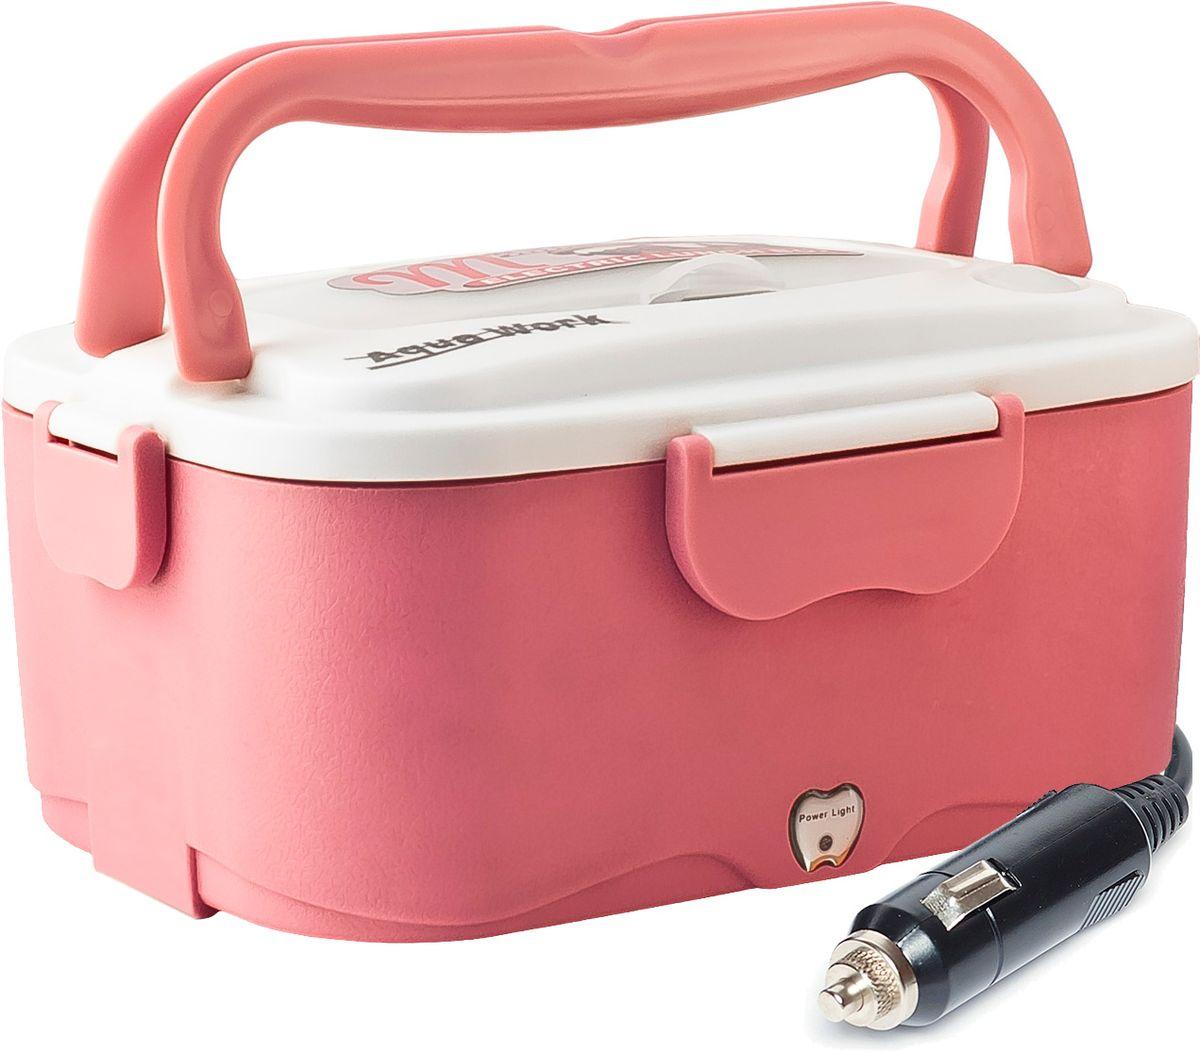 Aqua Work С5, Pink ланчбокс с подогревом 12В12730Ланчбокс Aqua Work С5 разогревает содержимое от 5 минут (в зависимости от количества содержимого). Изготовлен из высококачественного пищевого пластика и нержавеющей стали, имеет удобную ручку для переноса и надежное крепление крышки.